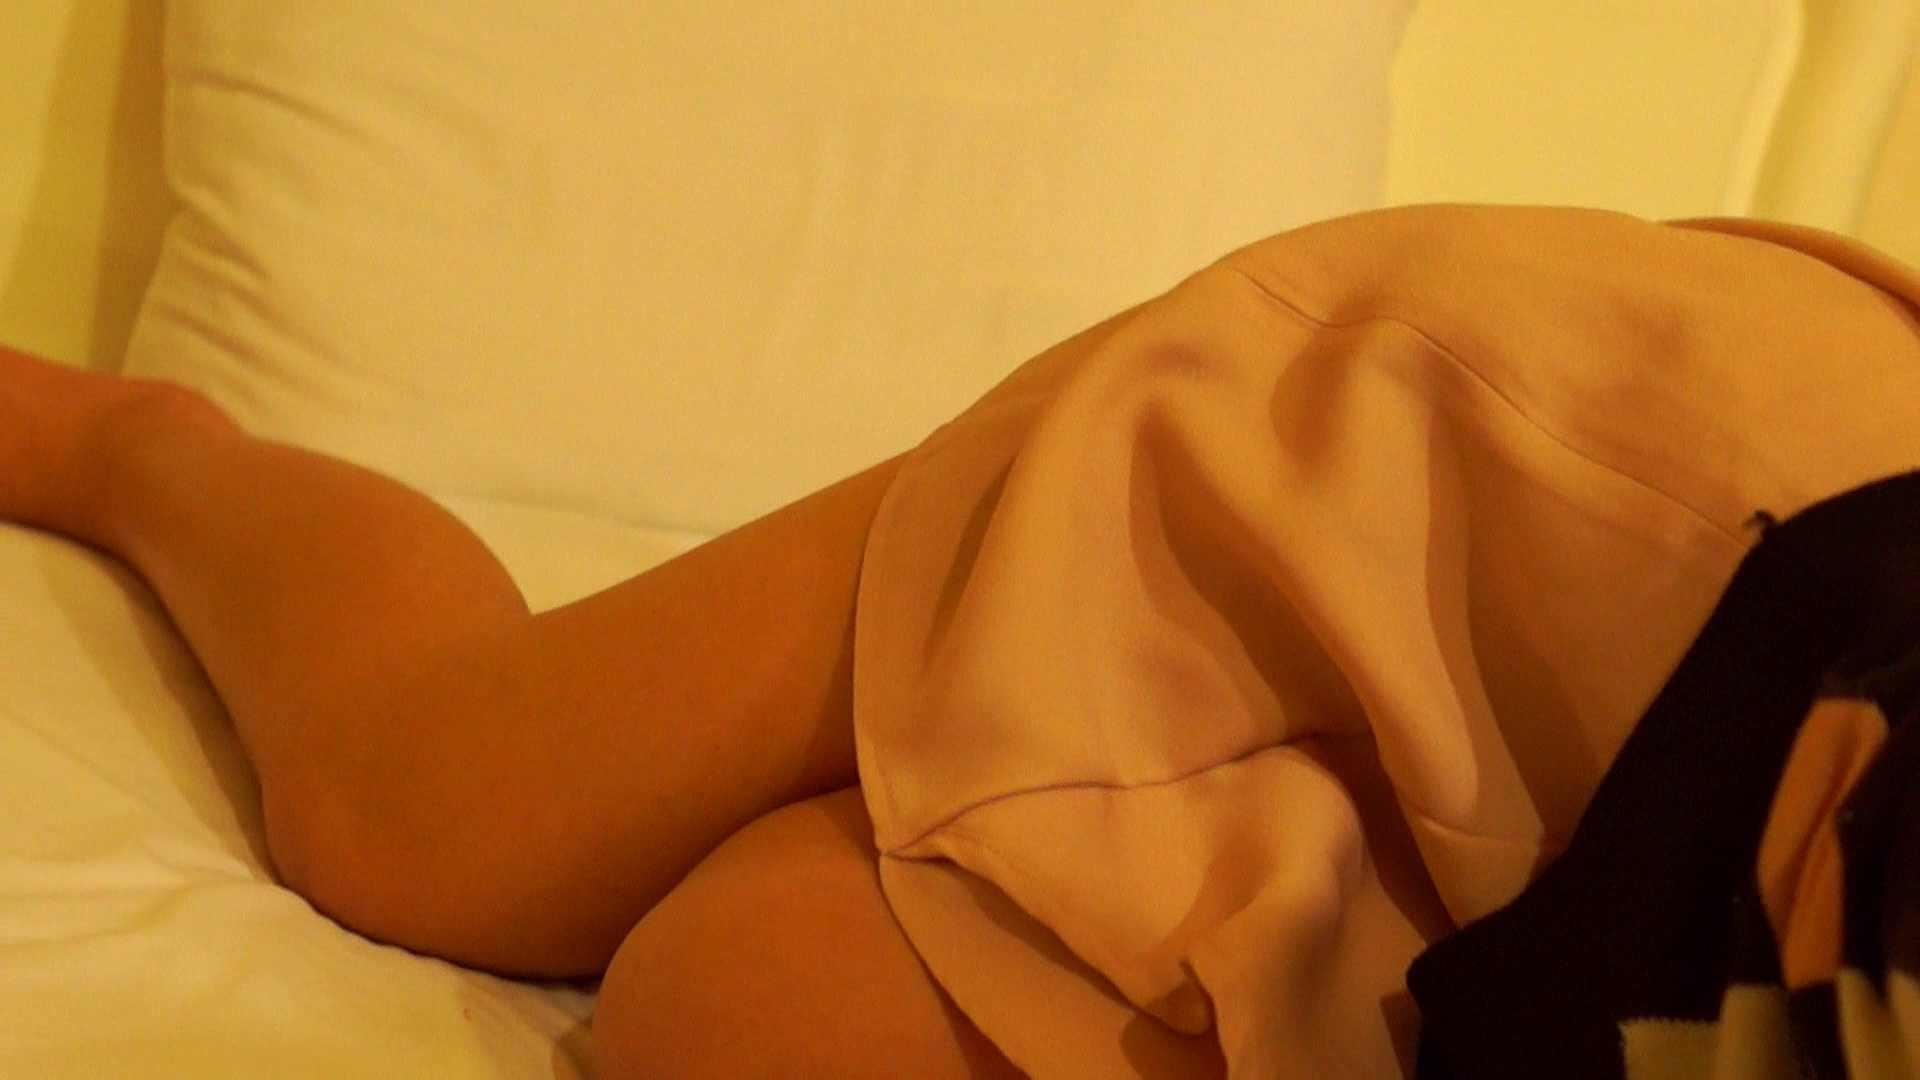 トイレ盗撮 vol.14 照れながらもHな顔をしてくれました。 大奥